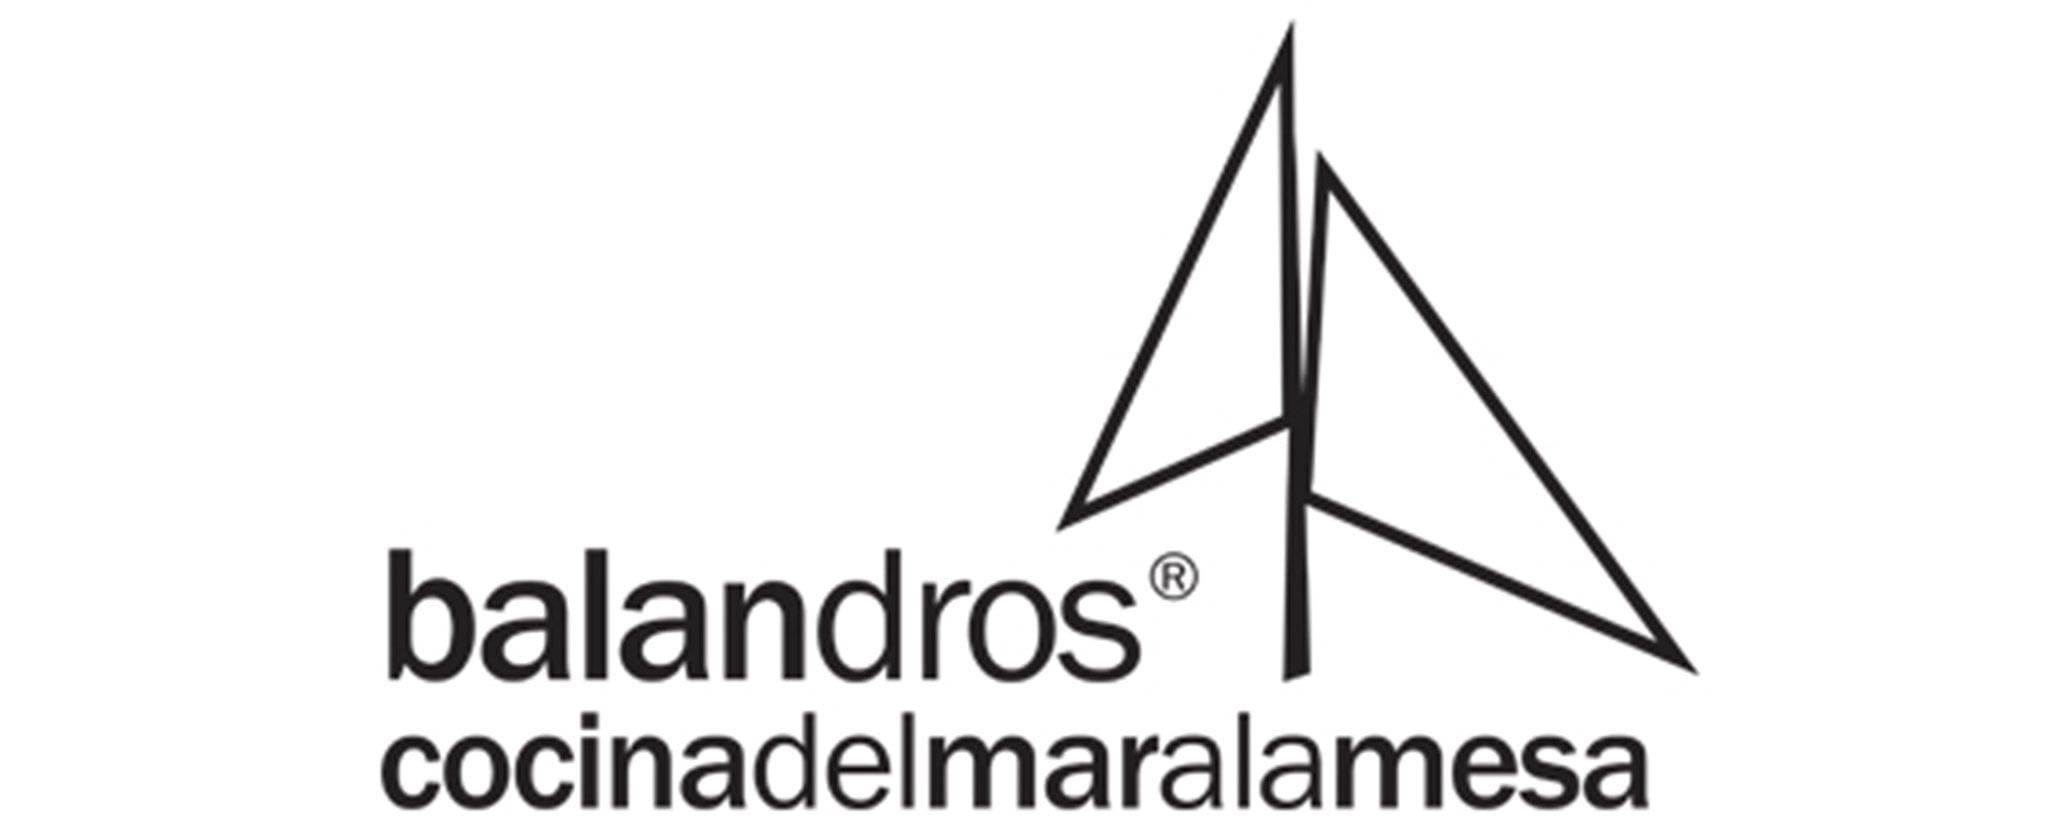 Logotipo del Restaurante Balandros